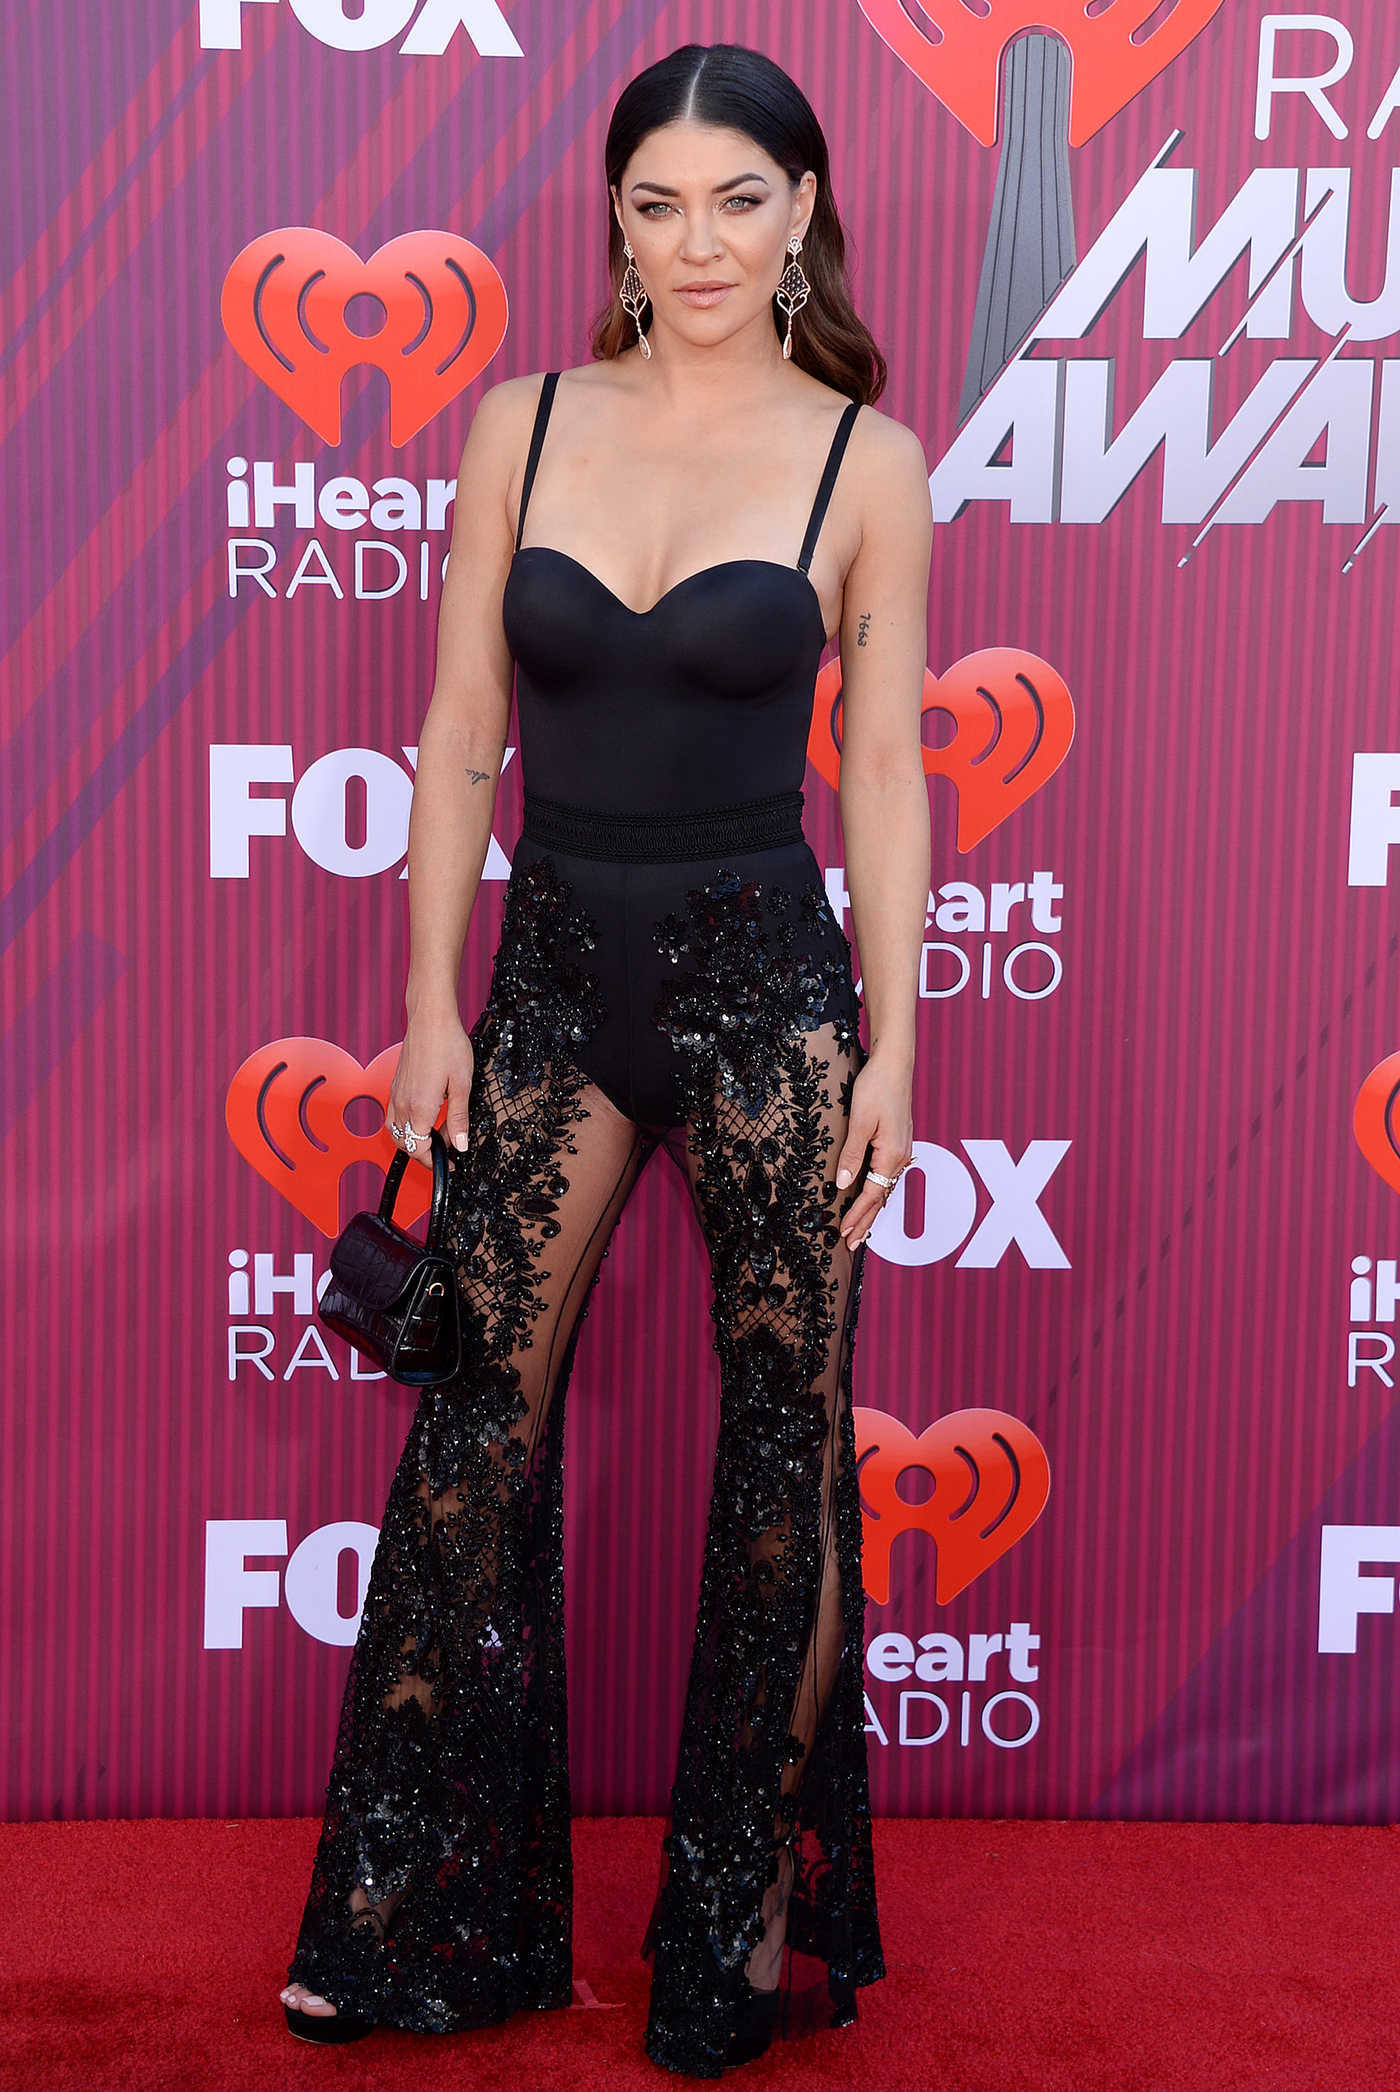 Jessica Szohr Attends 2019 iHeartRadio Music Awards at Microsoft Theater in LA 03/14/2019